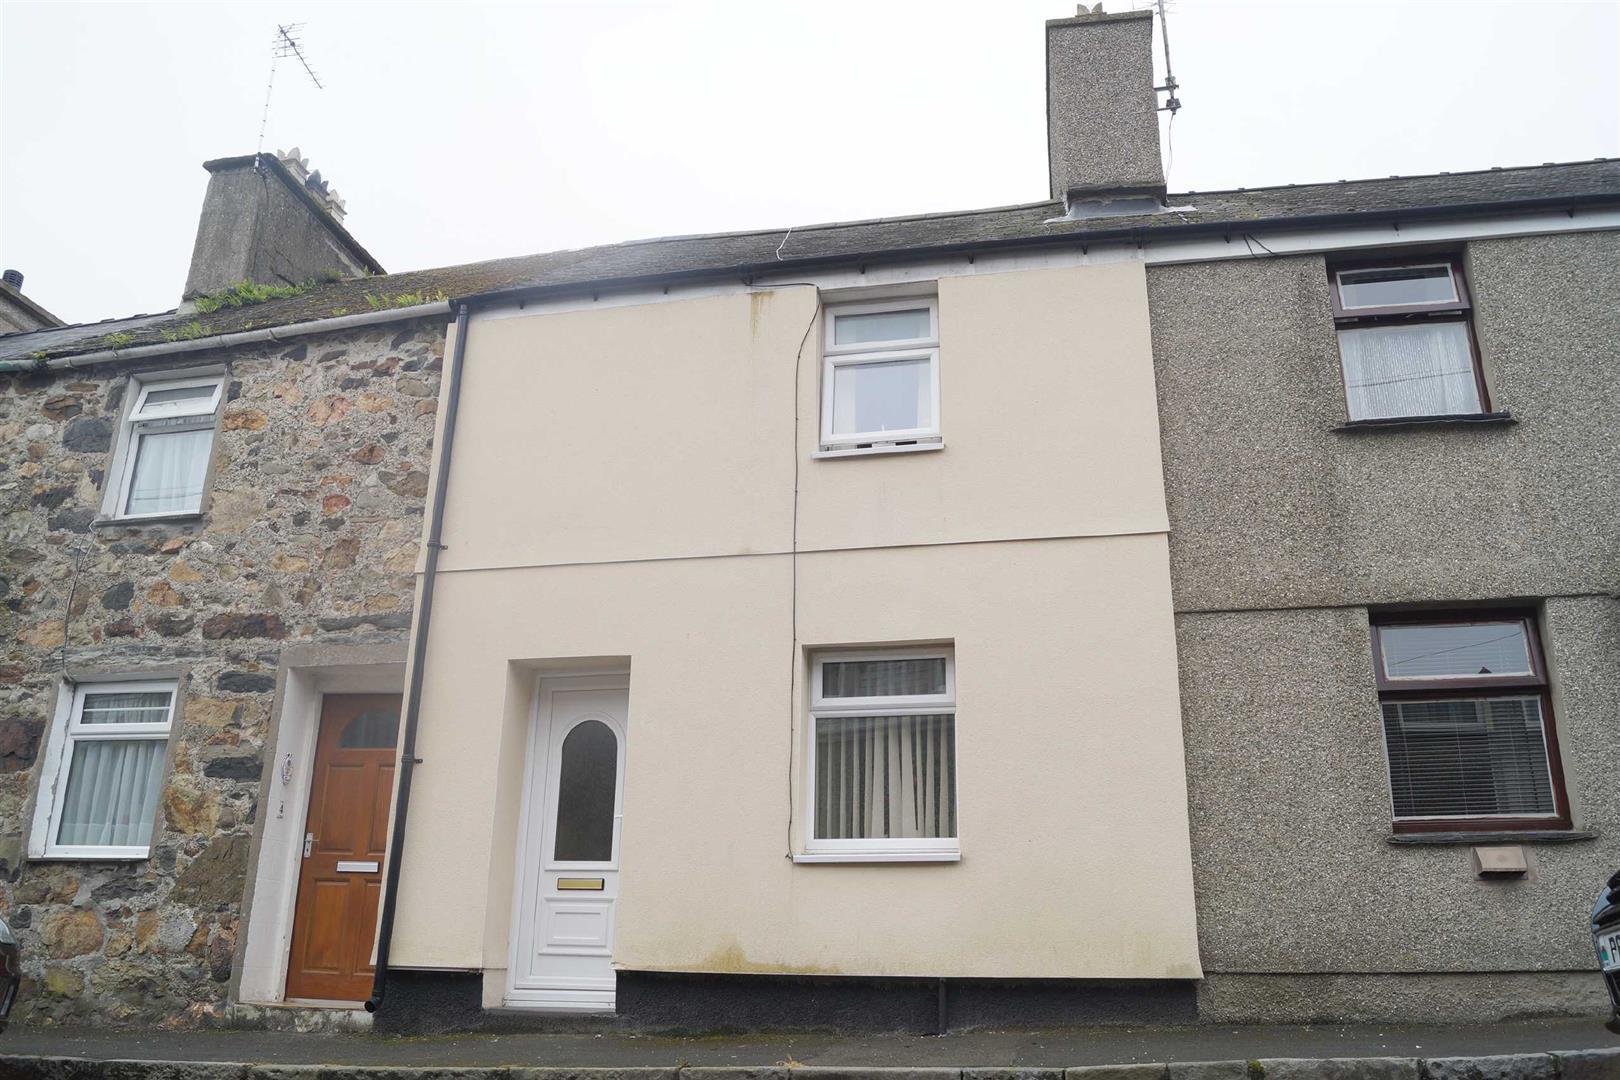 Crown Terrace, Abererch - £95,000